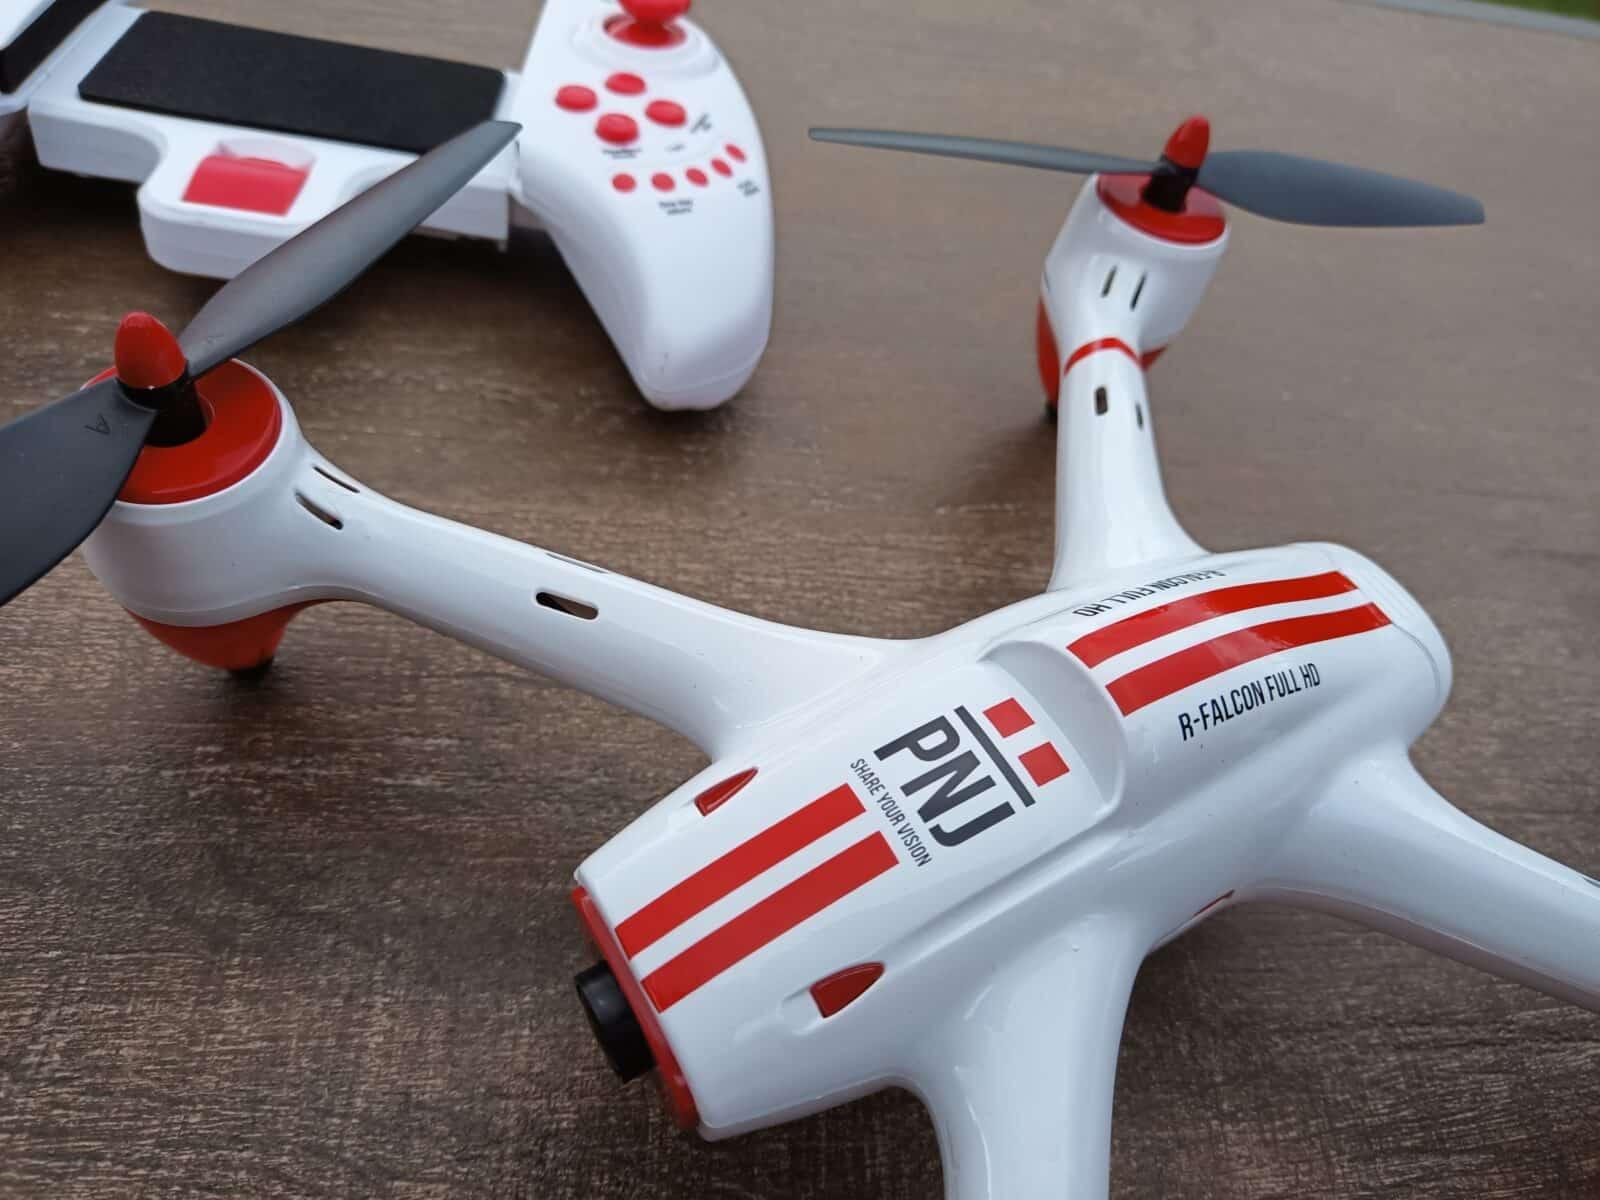 Drone R-Falcon FHD